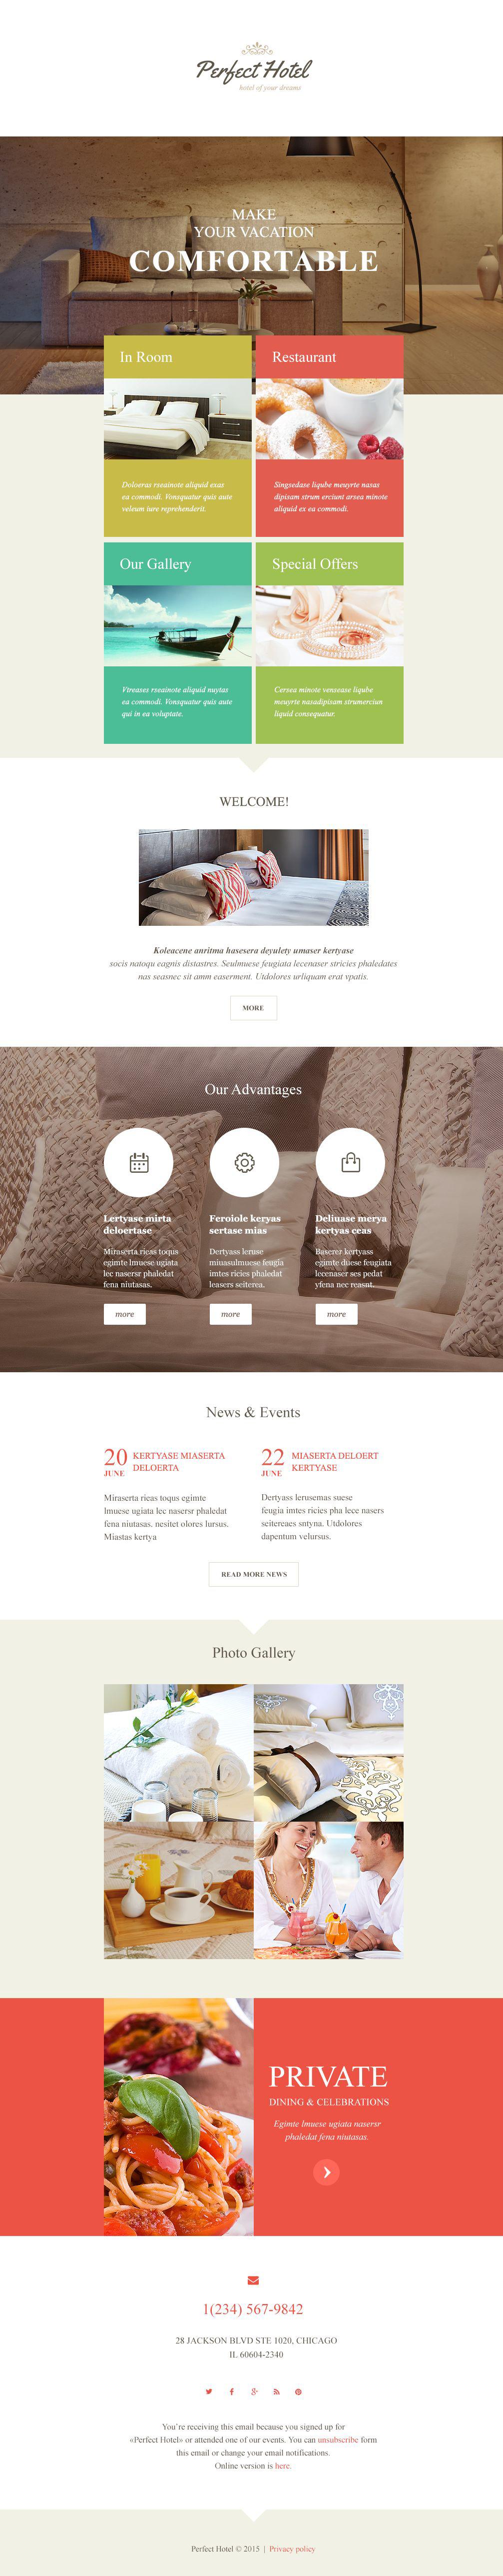 Адаптивний Шаблон E-mail розсилки на тему готелі №54694 - скріншот